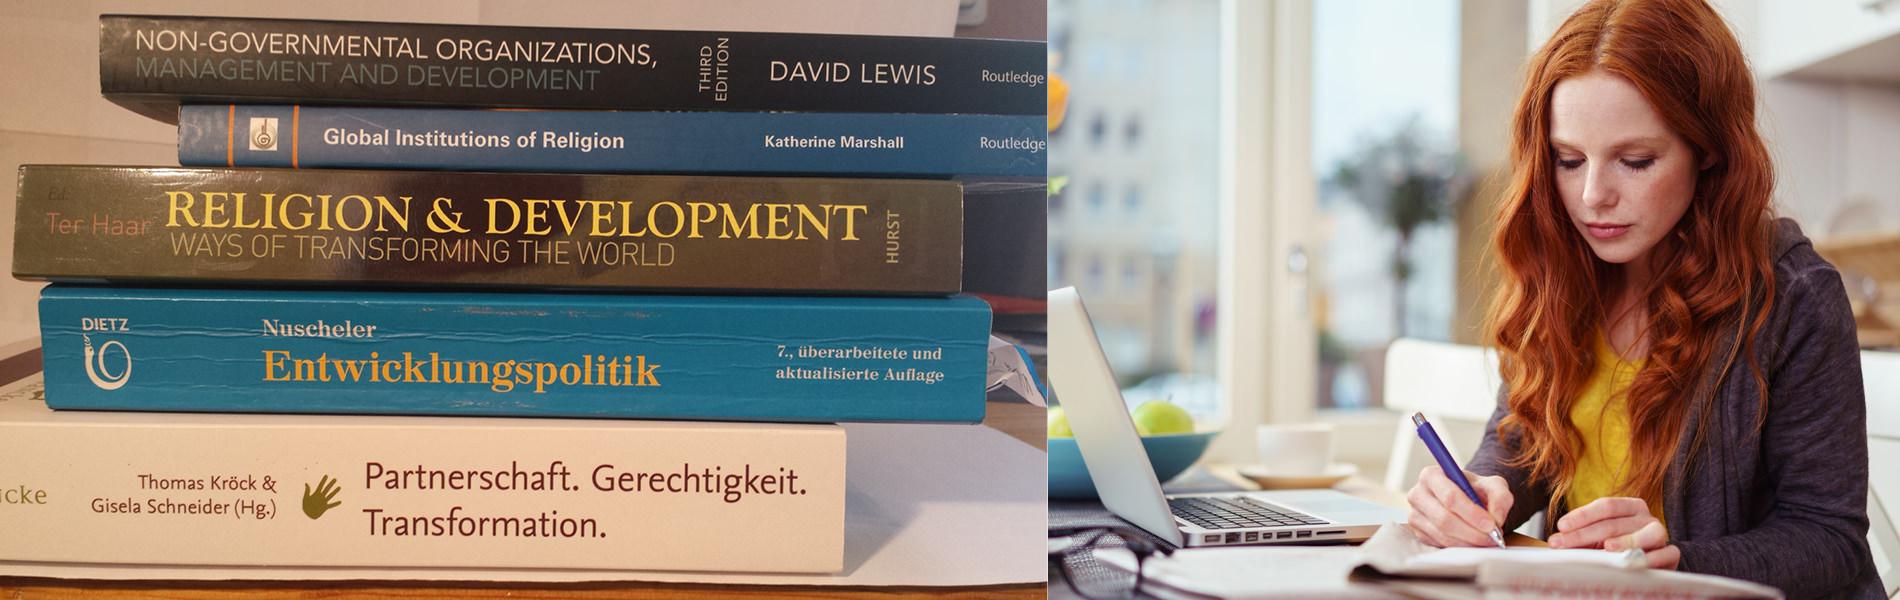 Studentin am Laptop und Development Bücher